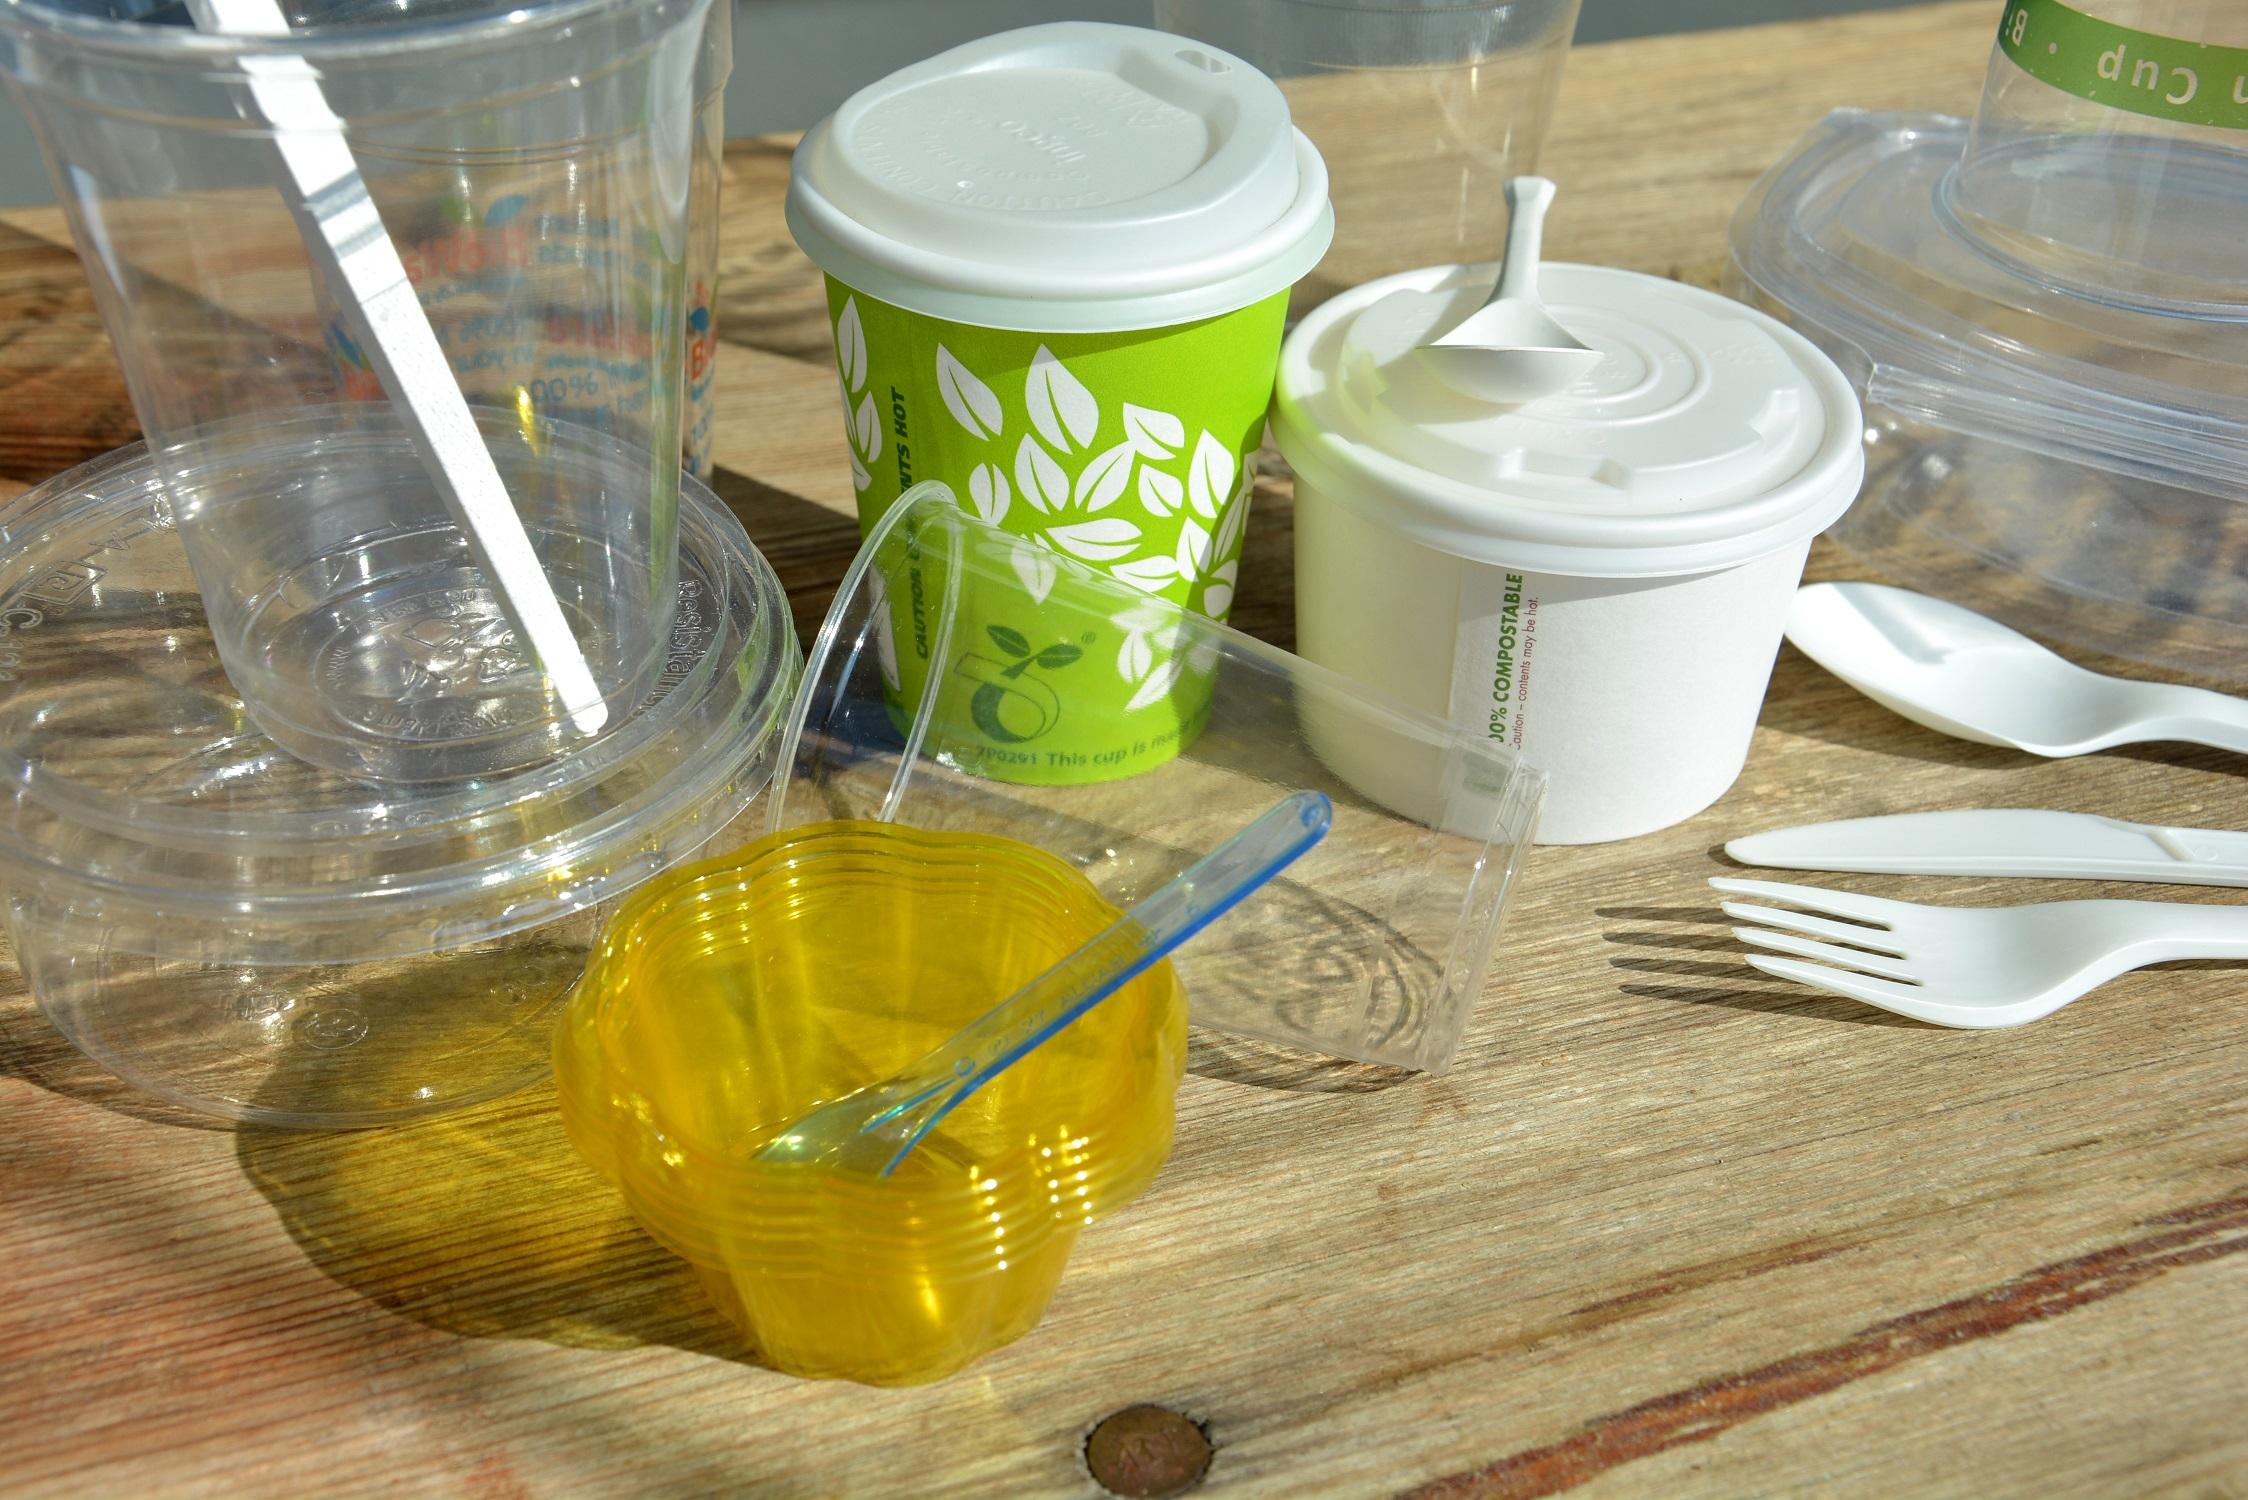 """Lebensmittel """"to go"""" nachhaltig verpackt: C.A.R.M.E.N.-WebSeminar informiert über Alternativen zu Einwegplastik"""